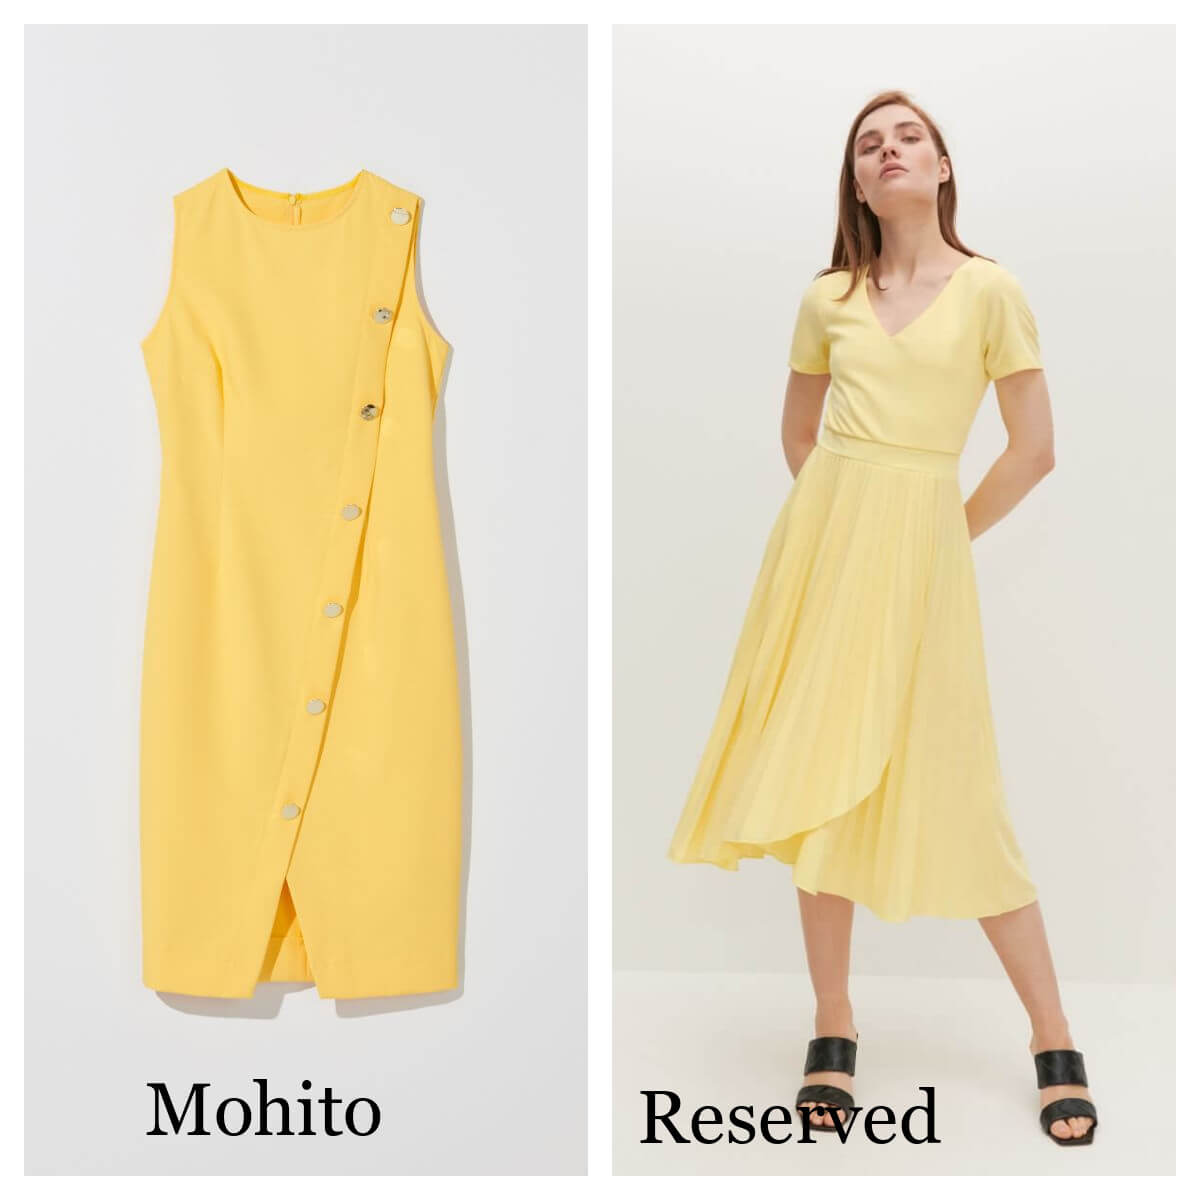 sukienki w cytryny i żółta z Mohito oraz Reserved